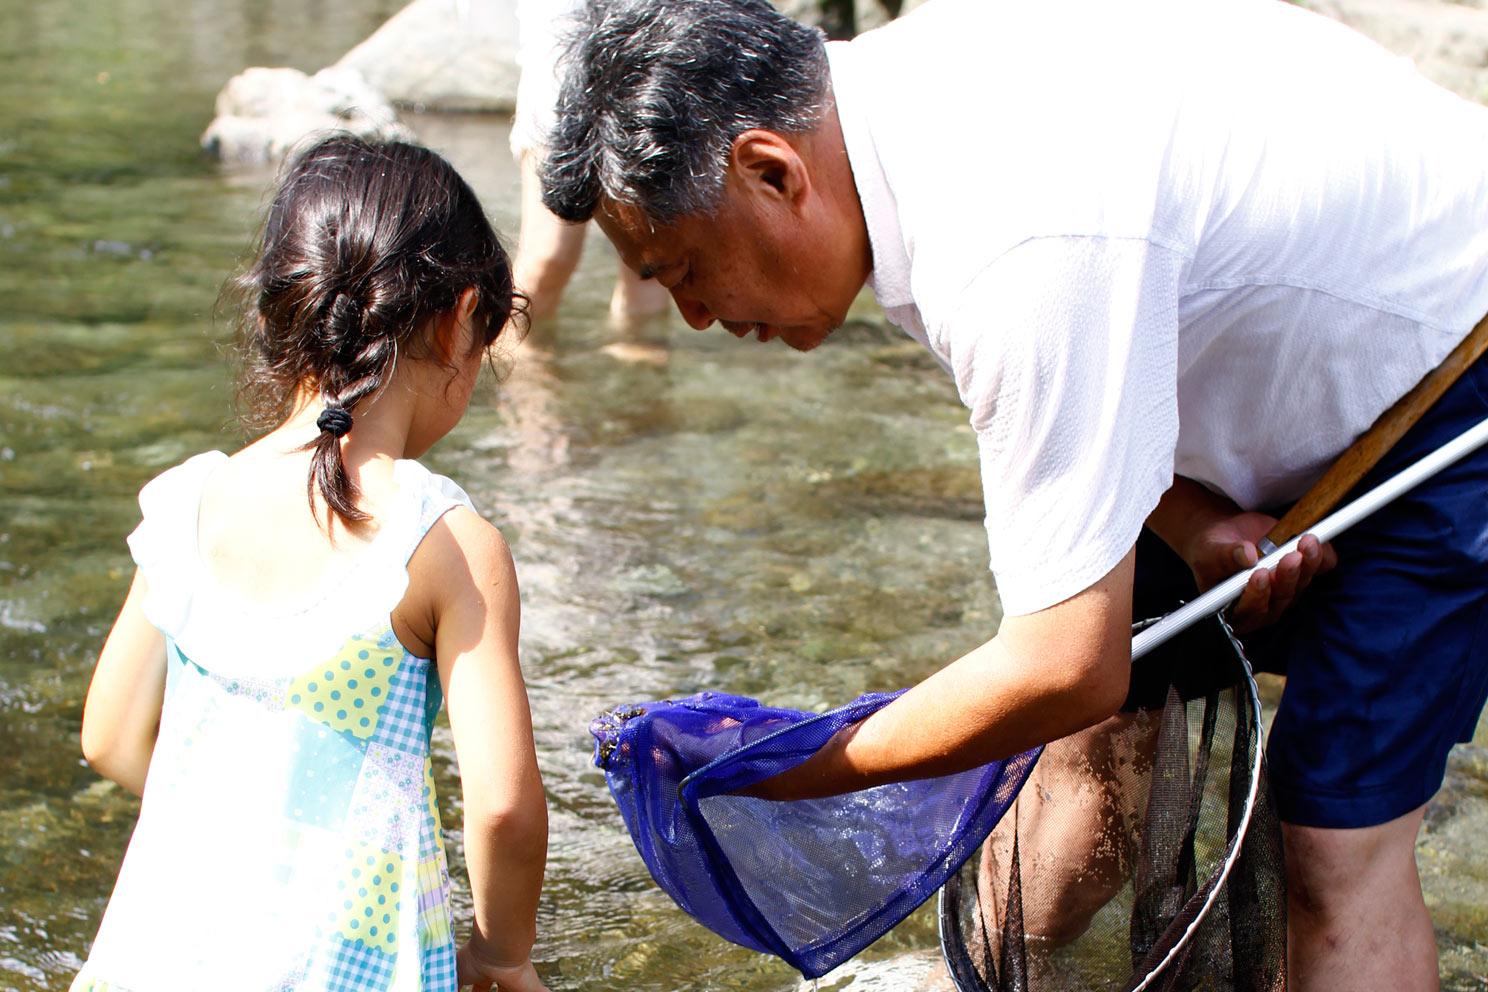 Workshop-Japan-River-Ecology-09